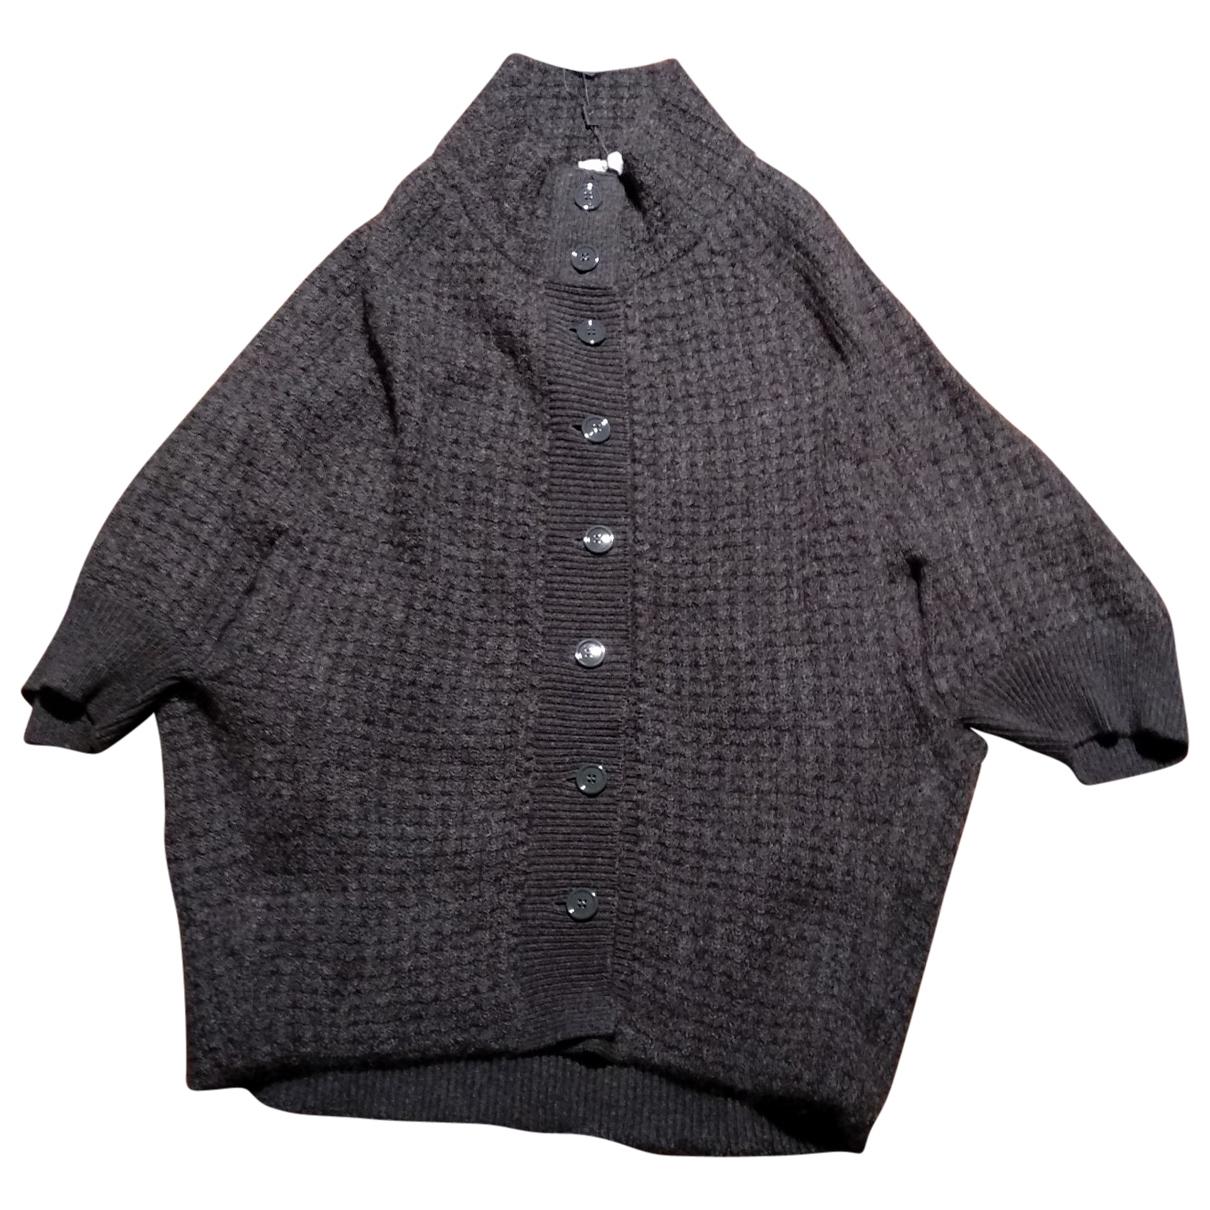 Yves Saint Laurent - Pull   pour femme en cachemire - gris